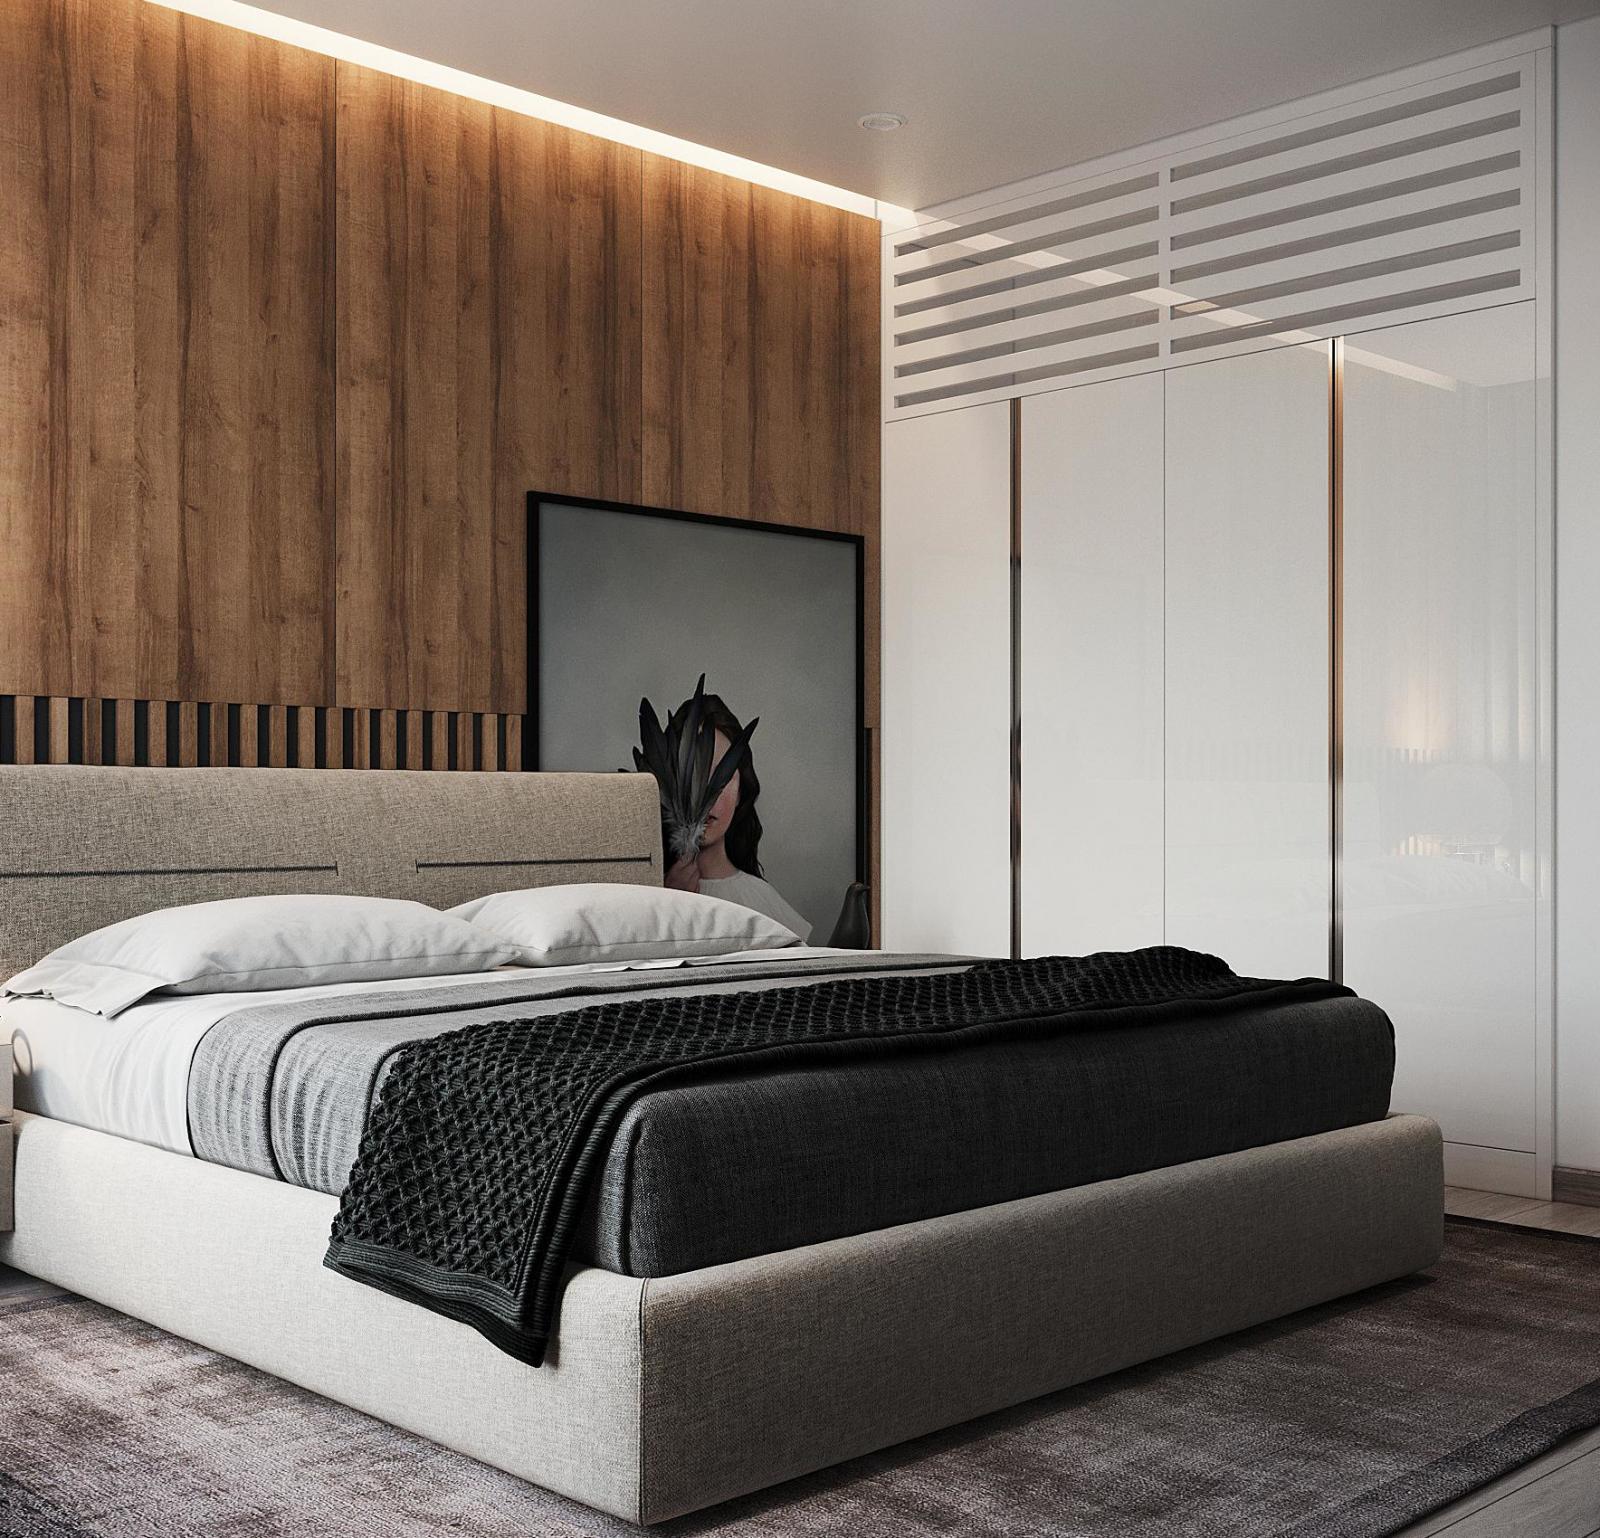 hình ảnh toàn cảnh phòng ngủ của chuyên gia bắt ma Lê Hoàng Nam